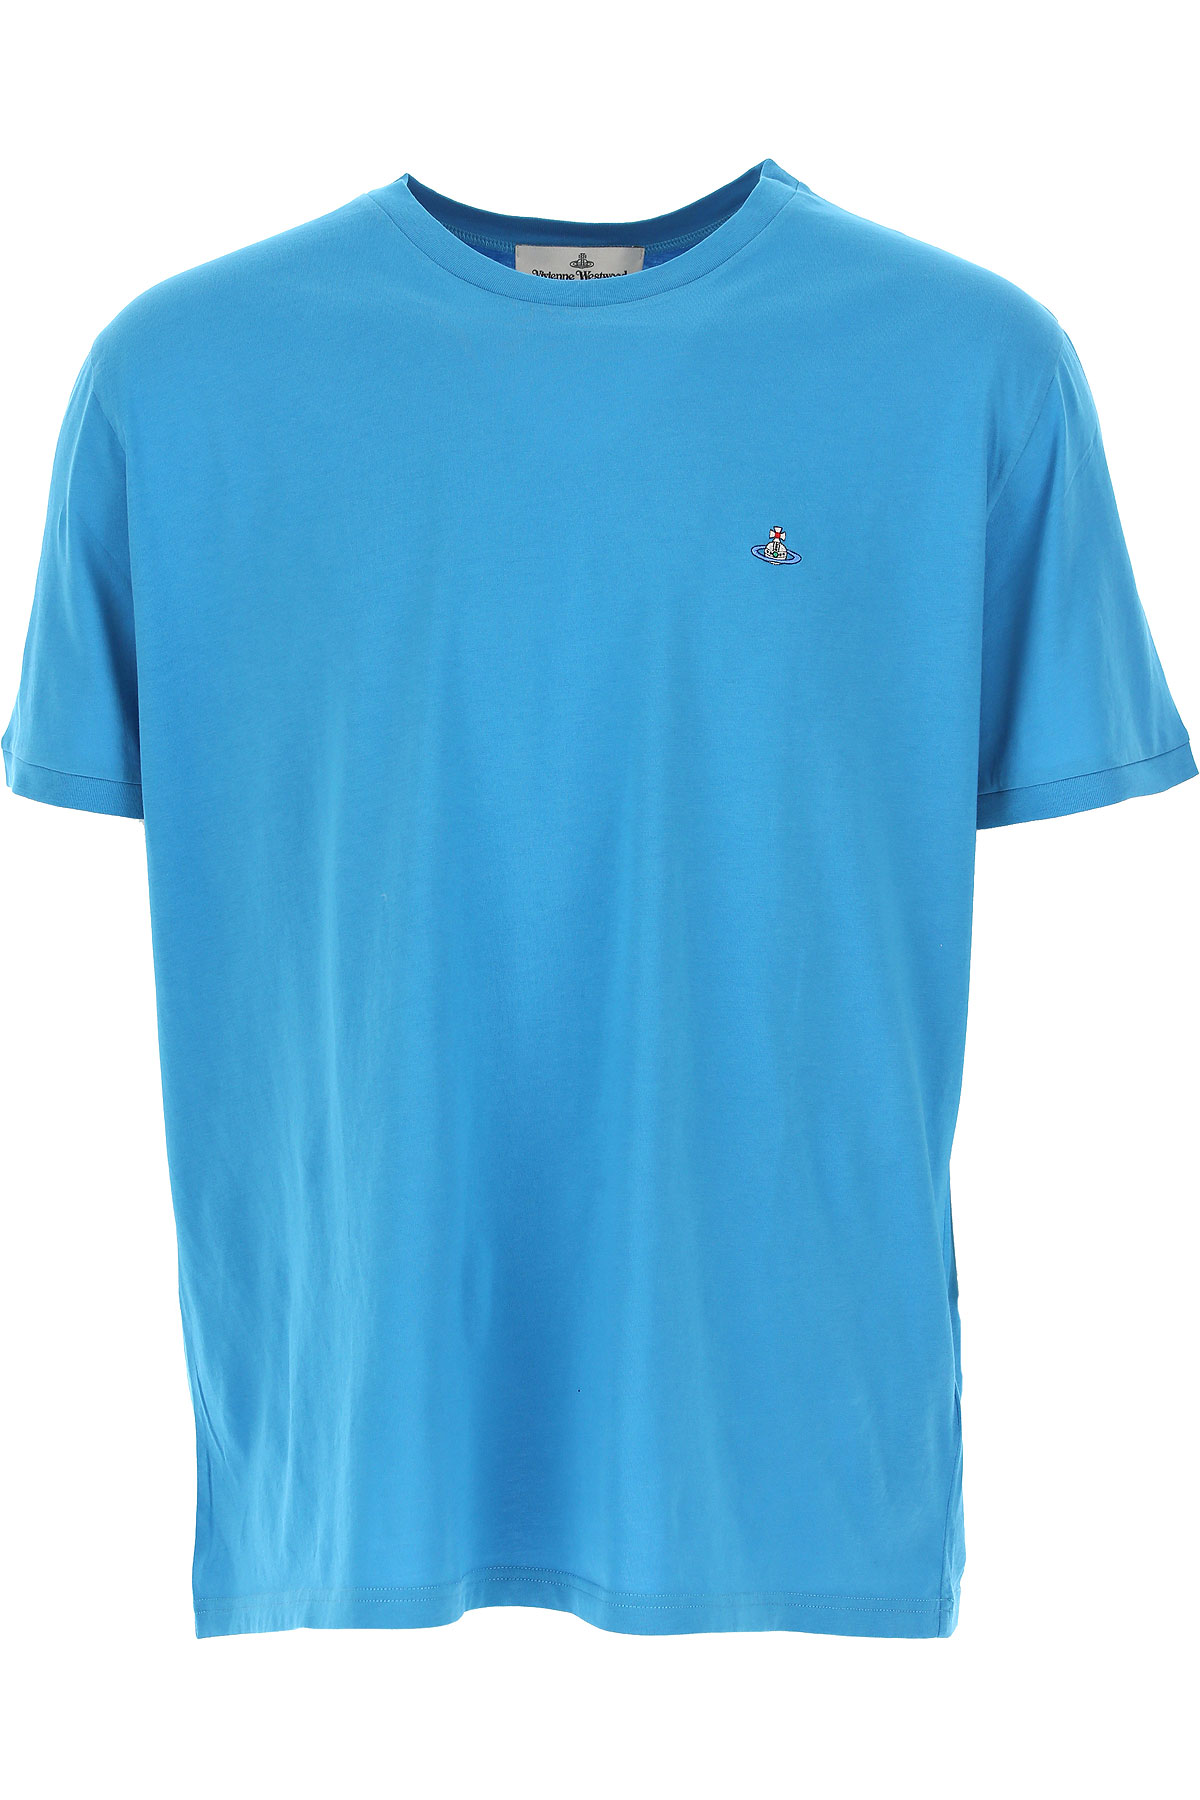 Vivienne Westwood T-shirt Homme Pas Cher En Soldes, Bleu Ciel, Coton, 2019, L M S XS